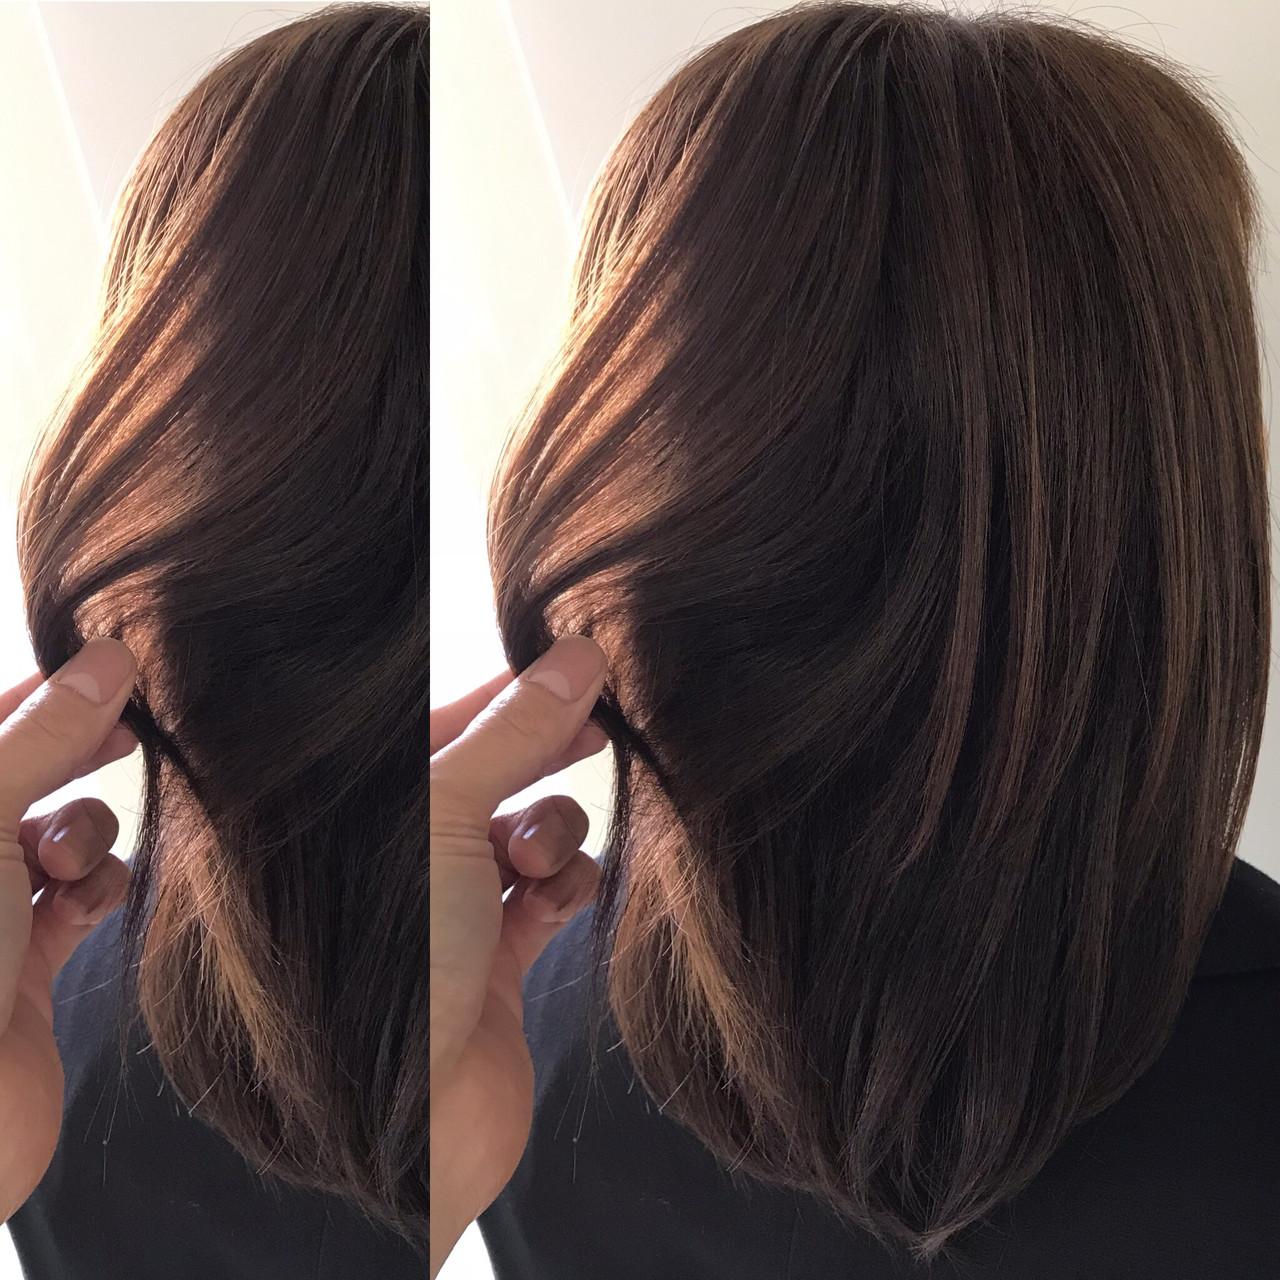 アンニュイほつれヘア ナチュラル 外国人風カラー ミディアム ヘアスタイルや髪型の写真・画像 | 新谷 朋宏 / Free hairstylist shinya